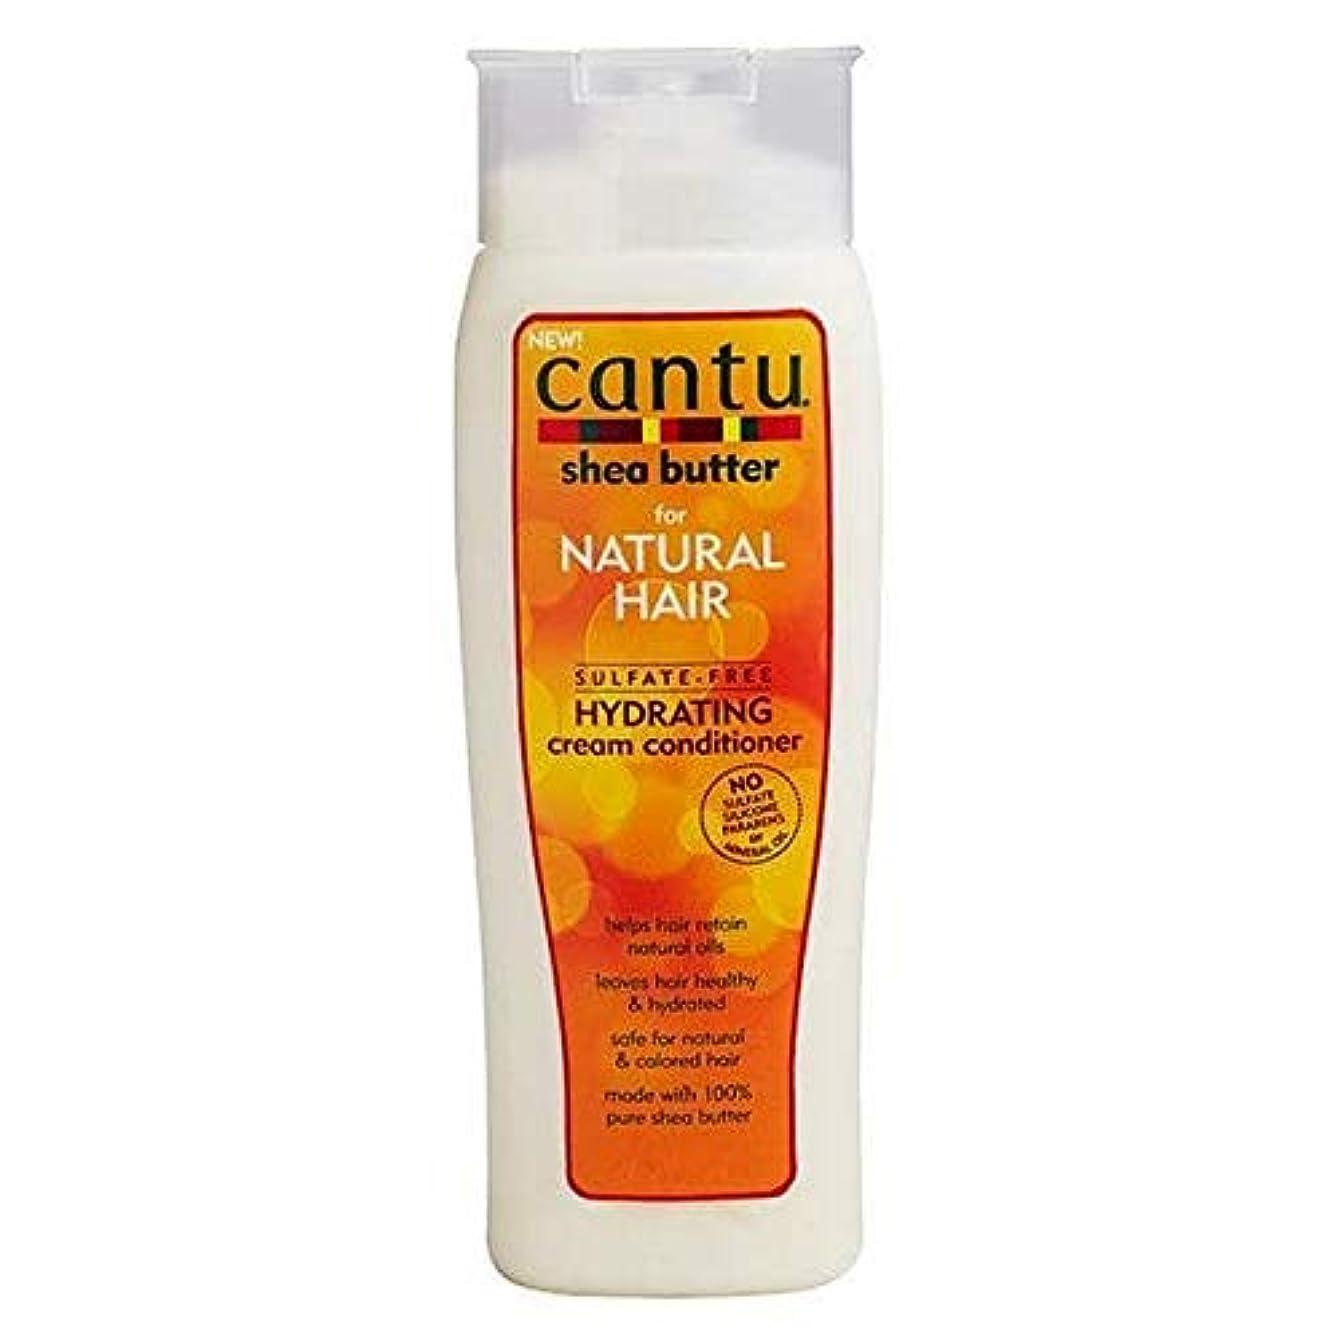 ツーリスト遮るリー[Cantu ] カントゥ硫酸フリーの水和クリームコンディショナー400ミリリットル - Cantu Sulfate-Free Hydrating Cream Conditioner 400ml [並行輸入品]